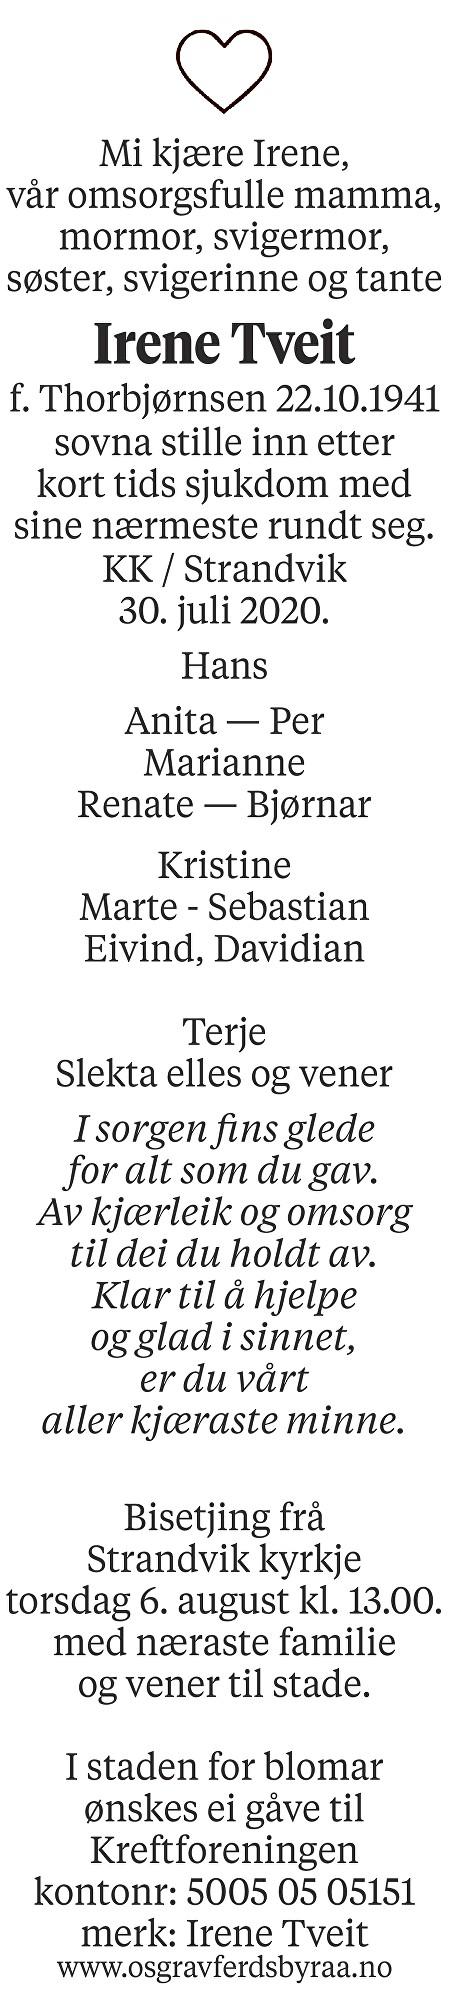 Irene Tveit Dødsannonse